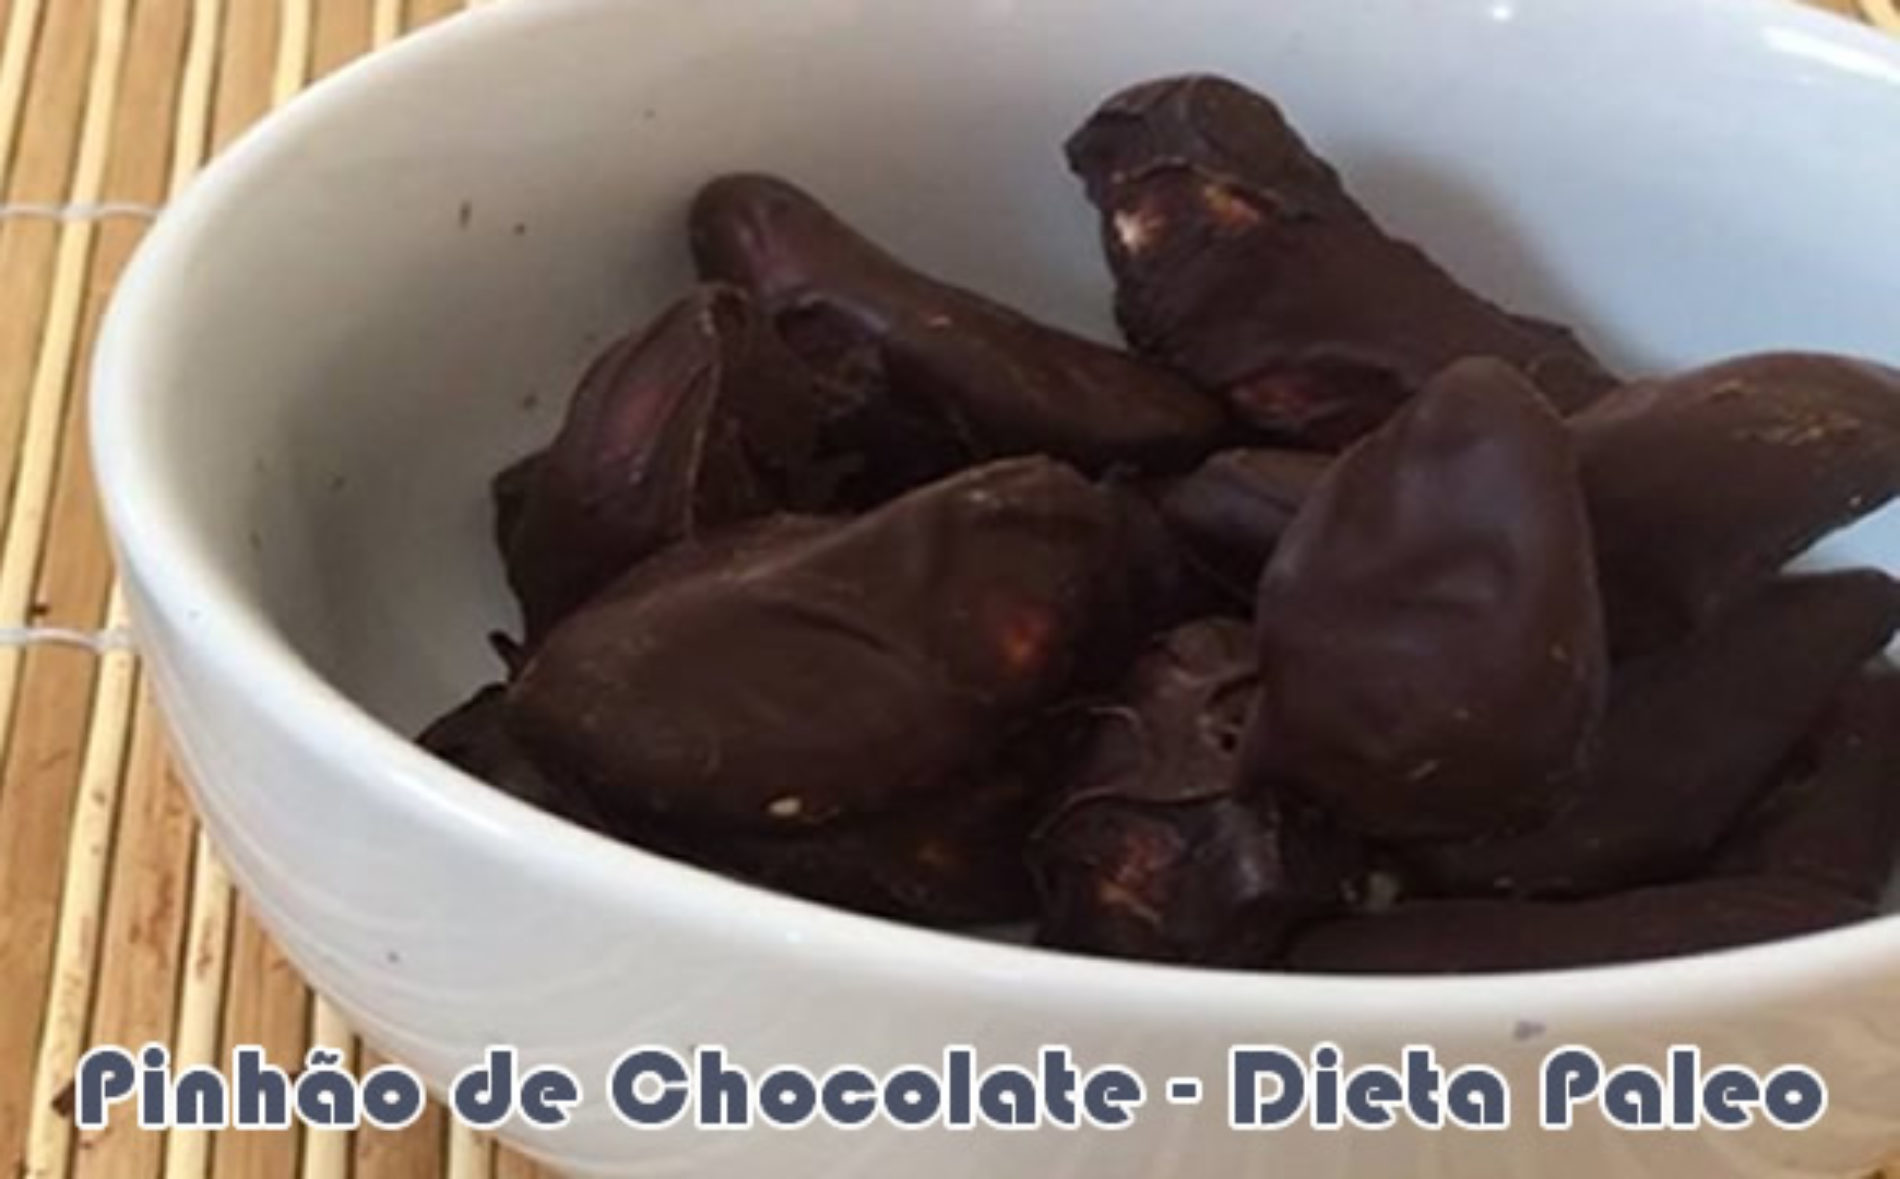 Pinhão de chocolate – Dieta Paleo